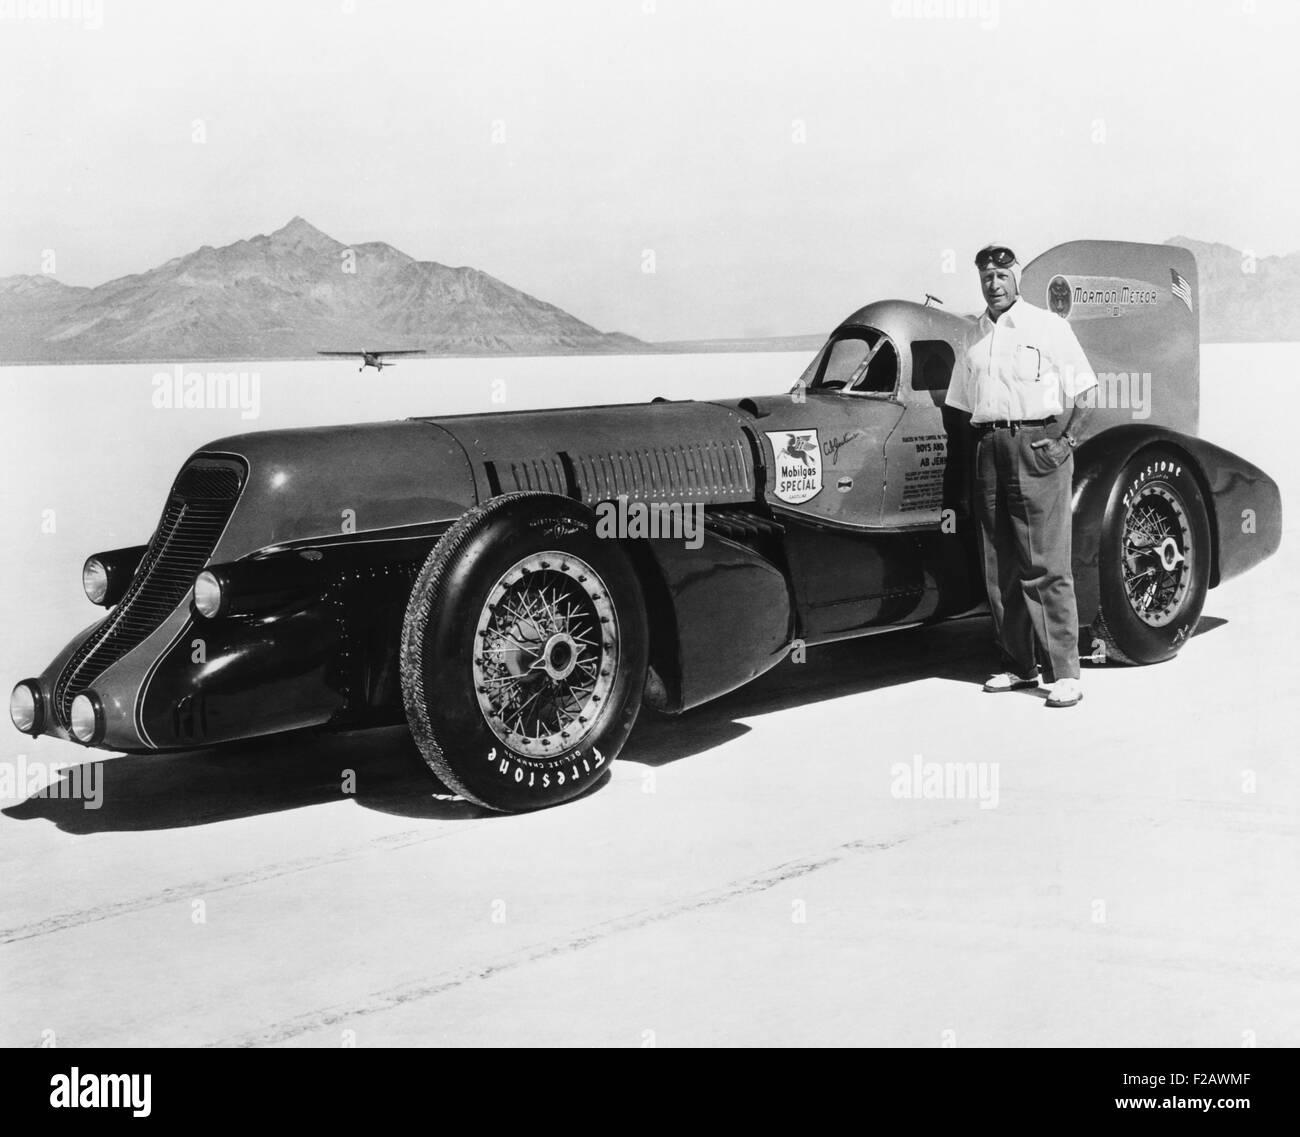 David Abbott 'Ab' Jenkins and the Mormon Meteor III on the Bonneville Salt Flats, ca. 1940. Meteor III was - Stock Image